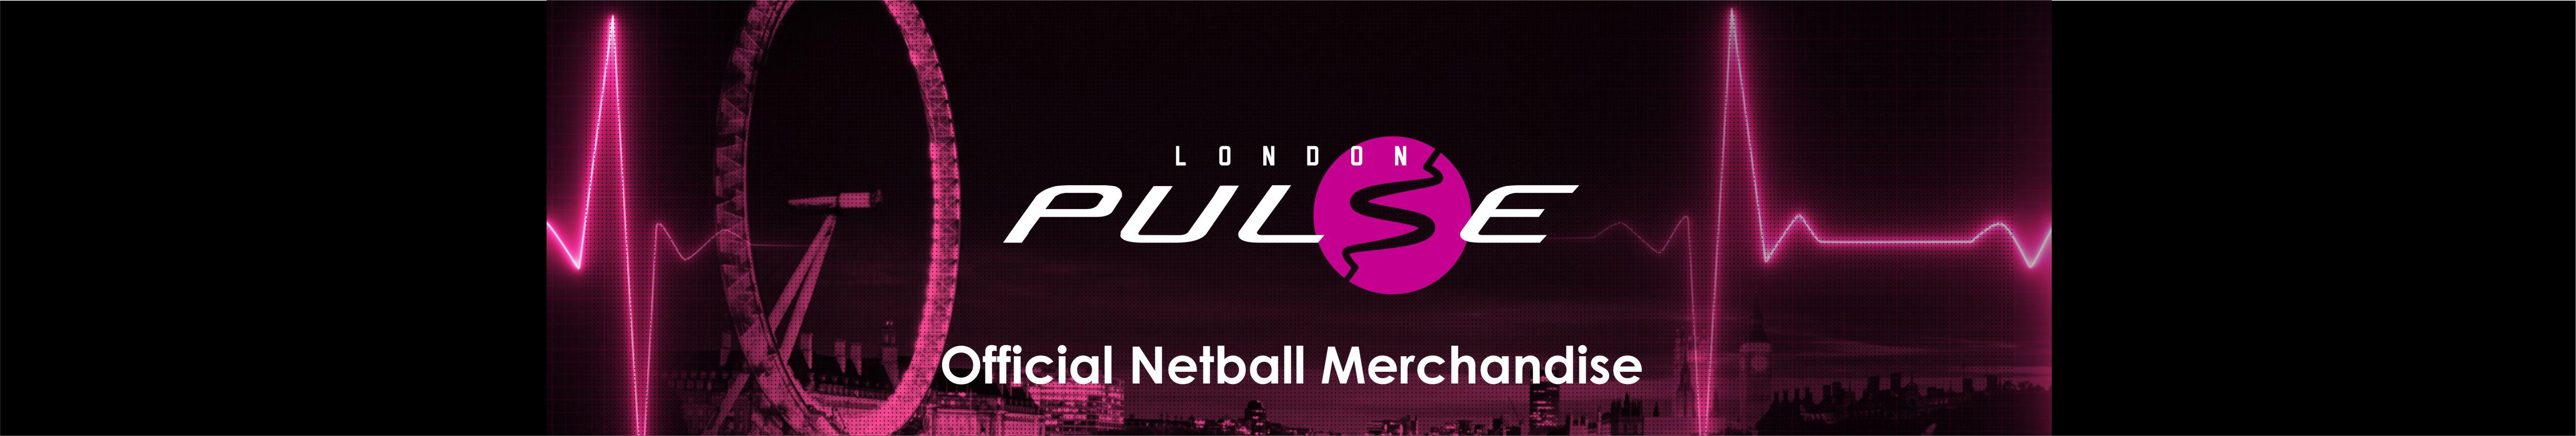 london-pulse-banner.jpg